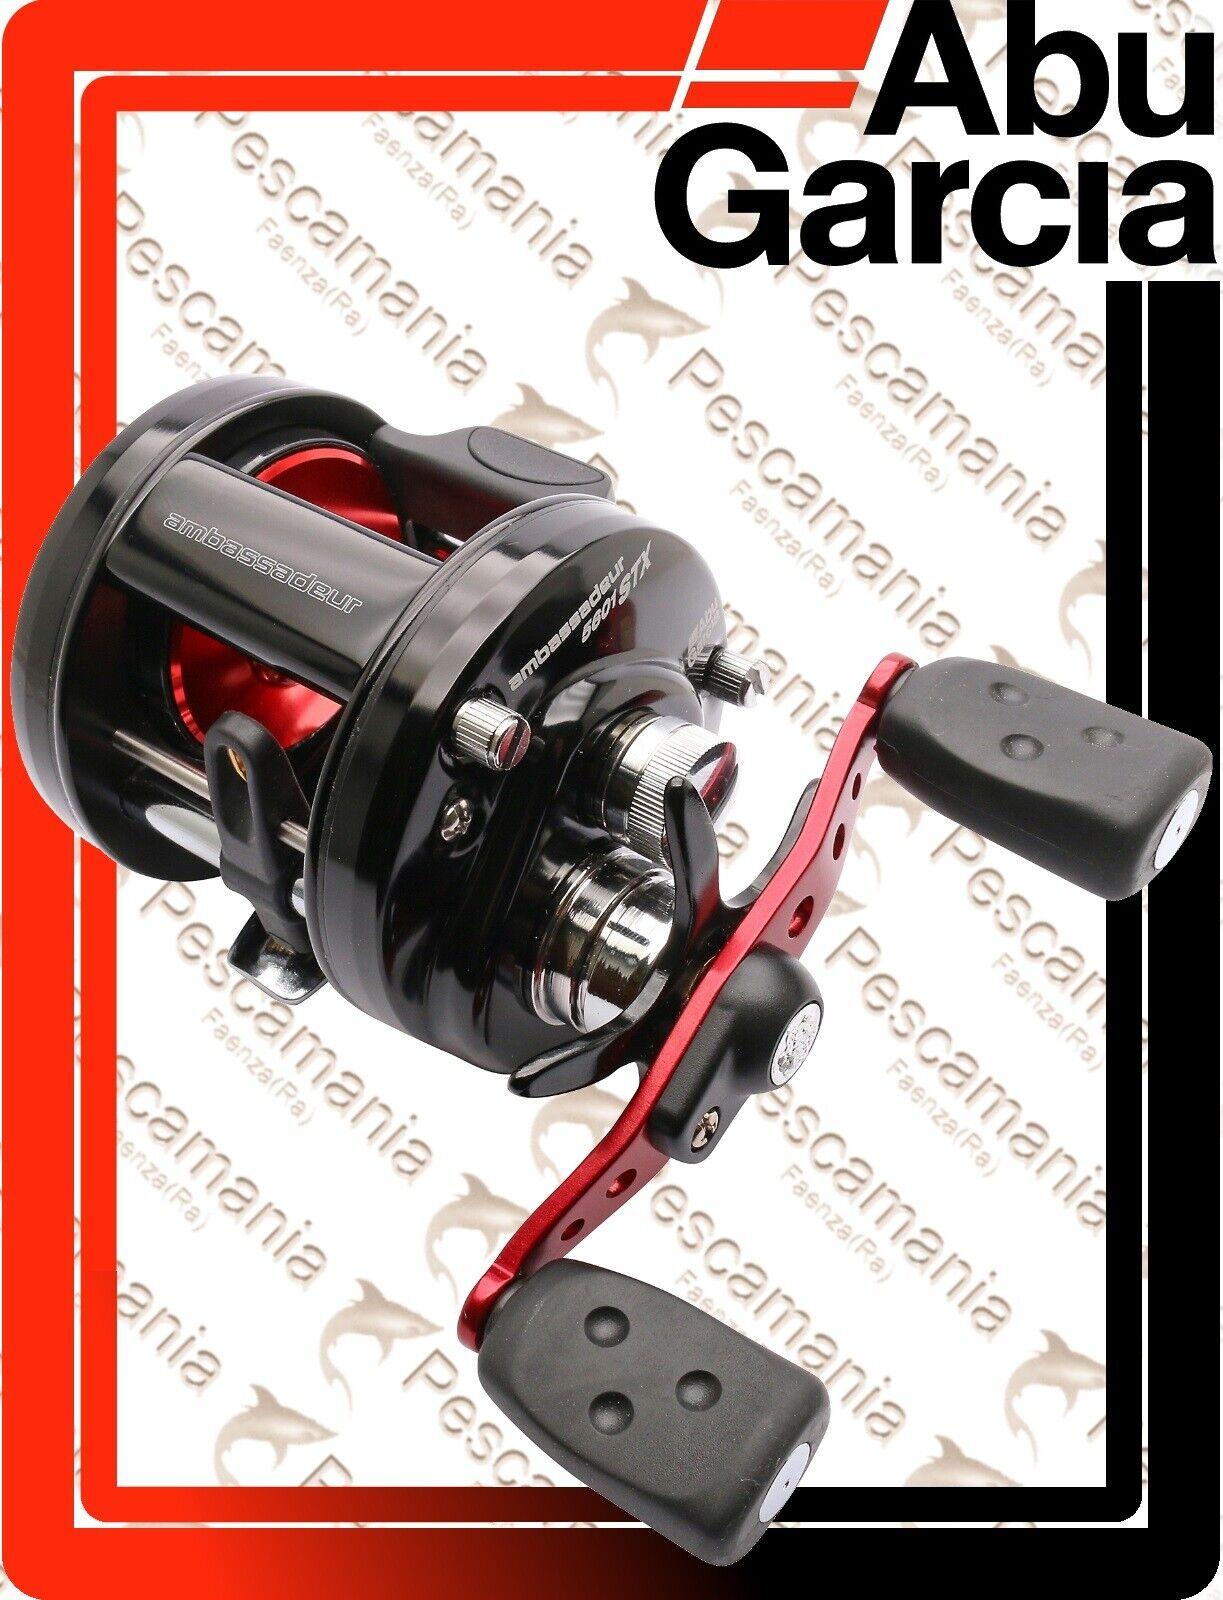 Mulinello casting Abu Garcia Ambassadeur® STX 5601 Round Reel